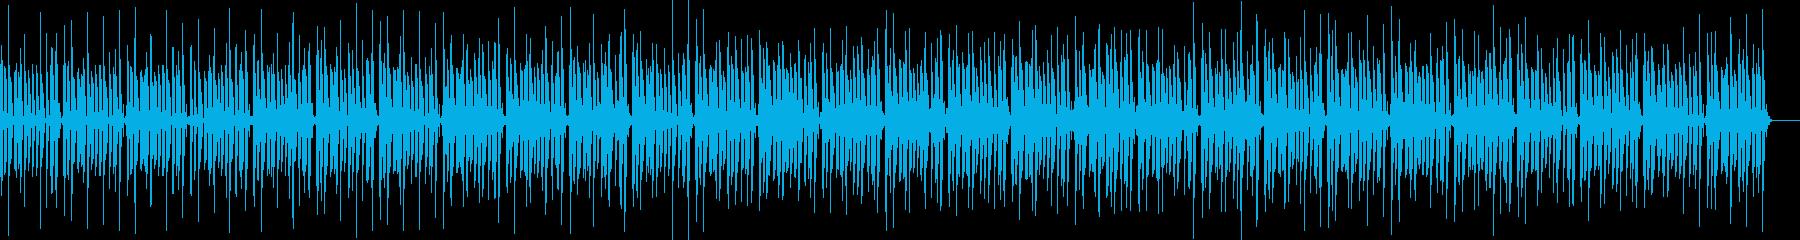 ノリがいいベースが主役のファンク調の曲の再生済みの波形